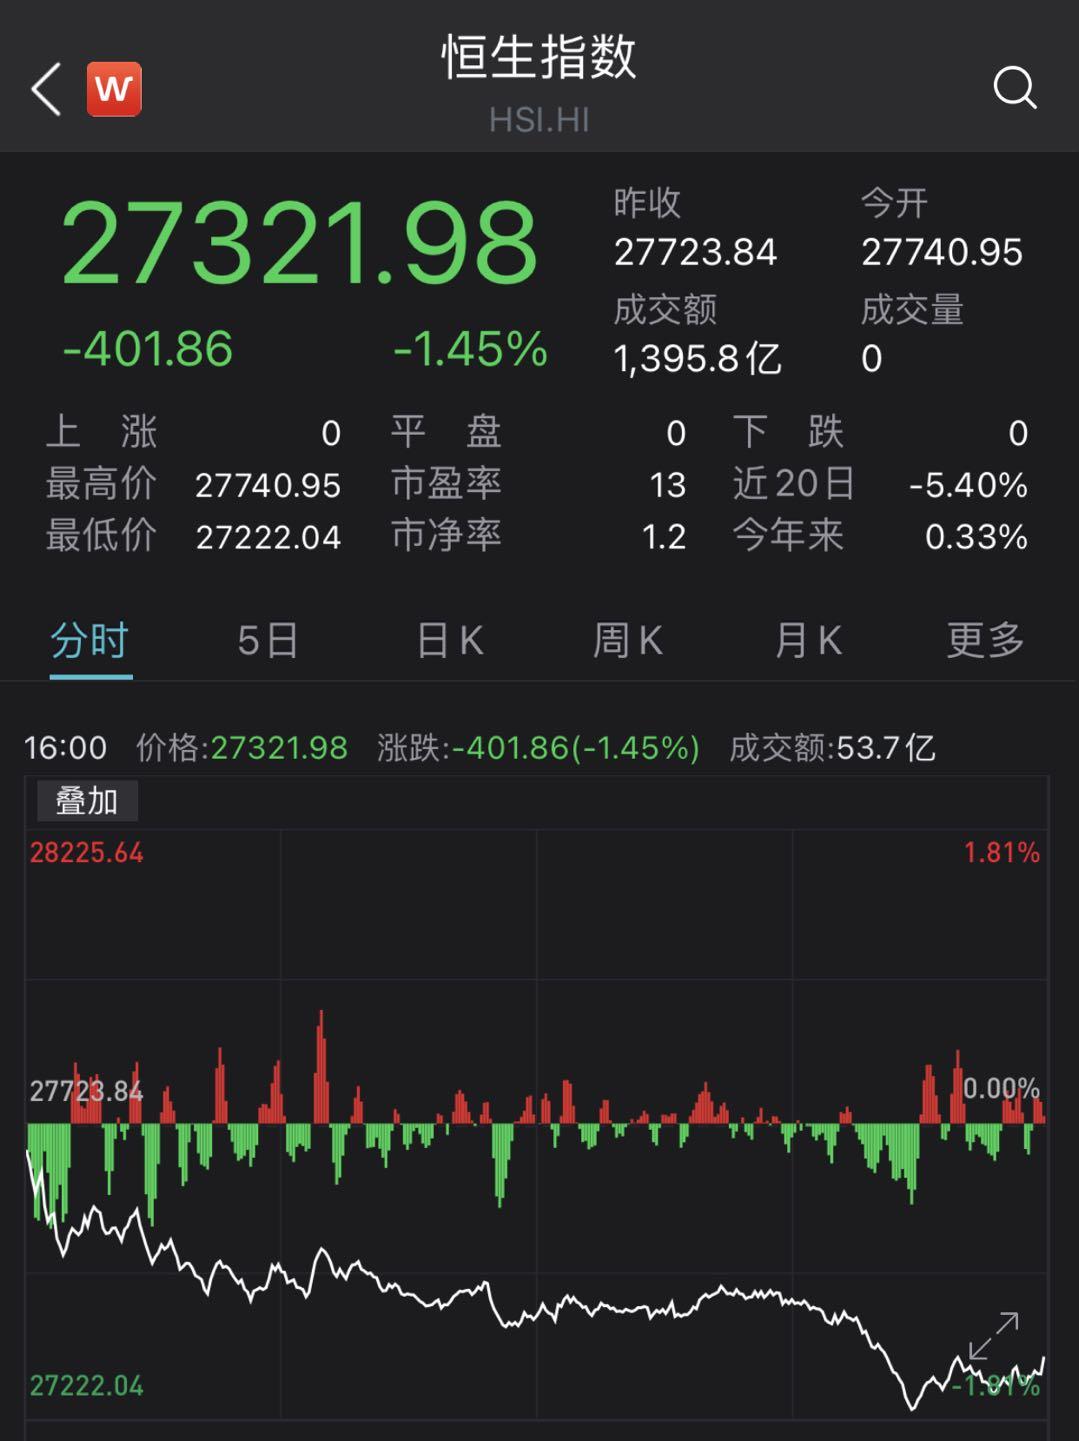 港股在线教育股重挫,新东方跌逾40%!